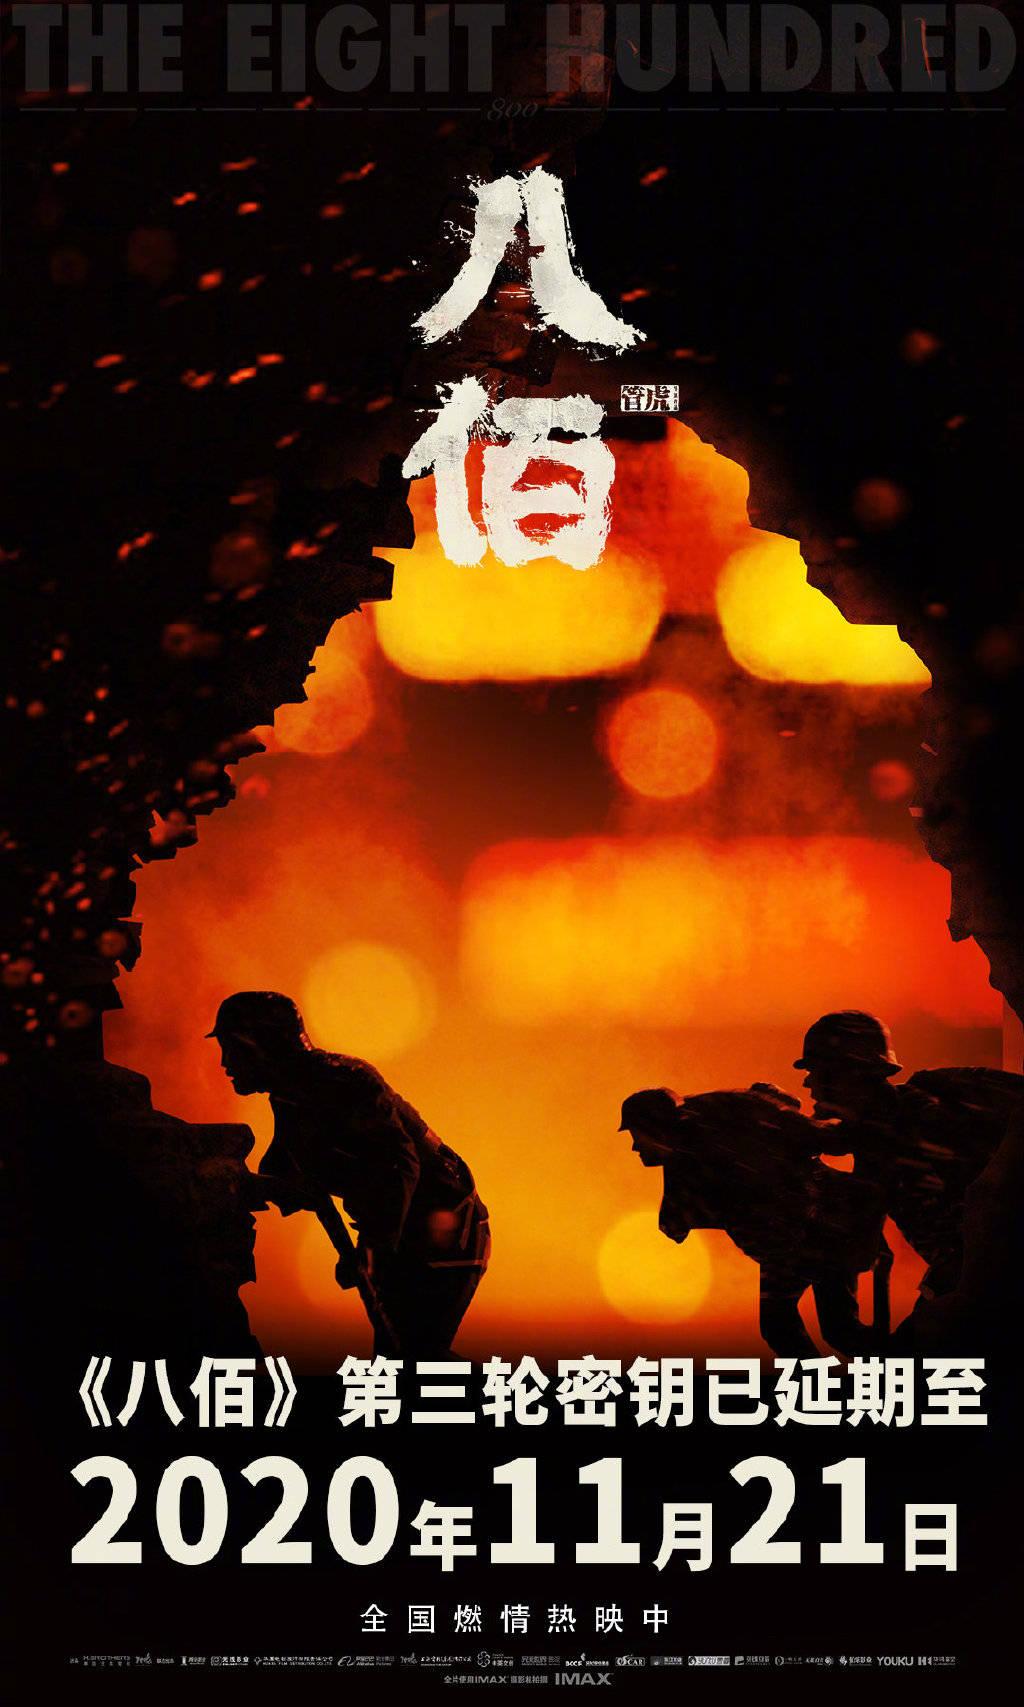 片名:关虎执导的影视剧《八佰》 该密钥将再次延长 并将于2020年11月21日发布